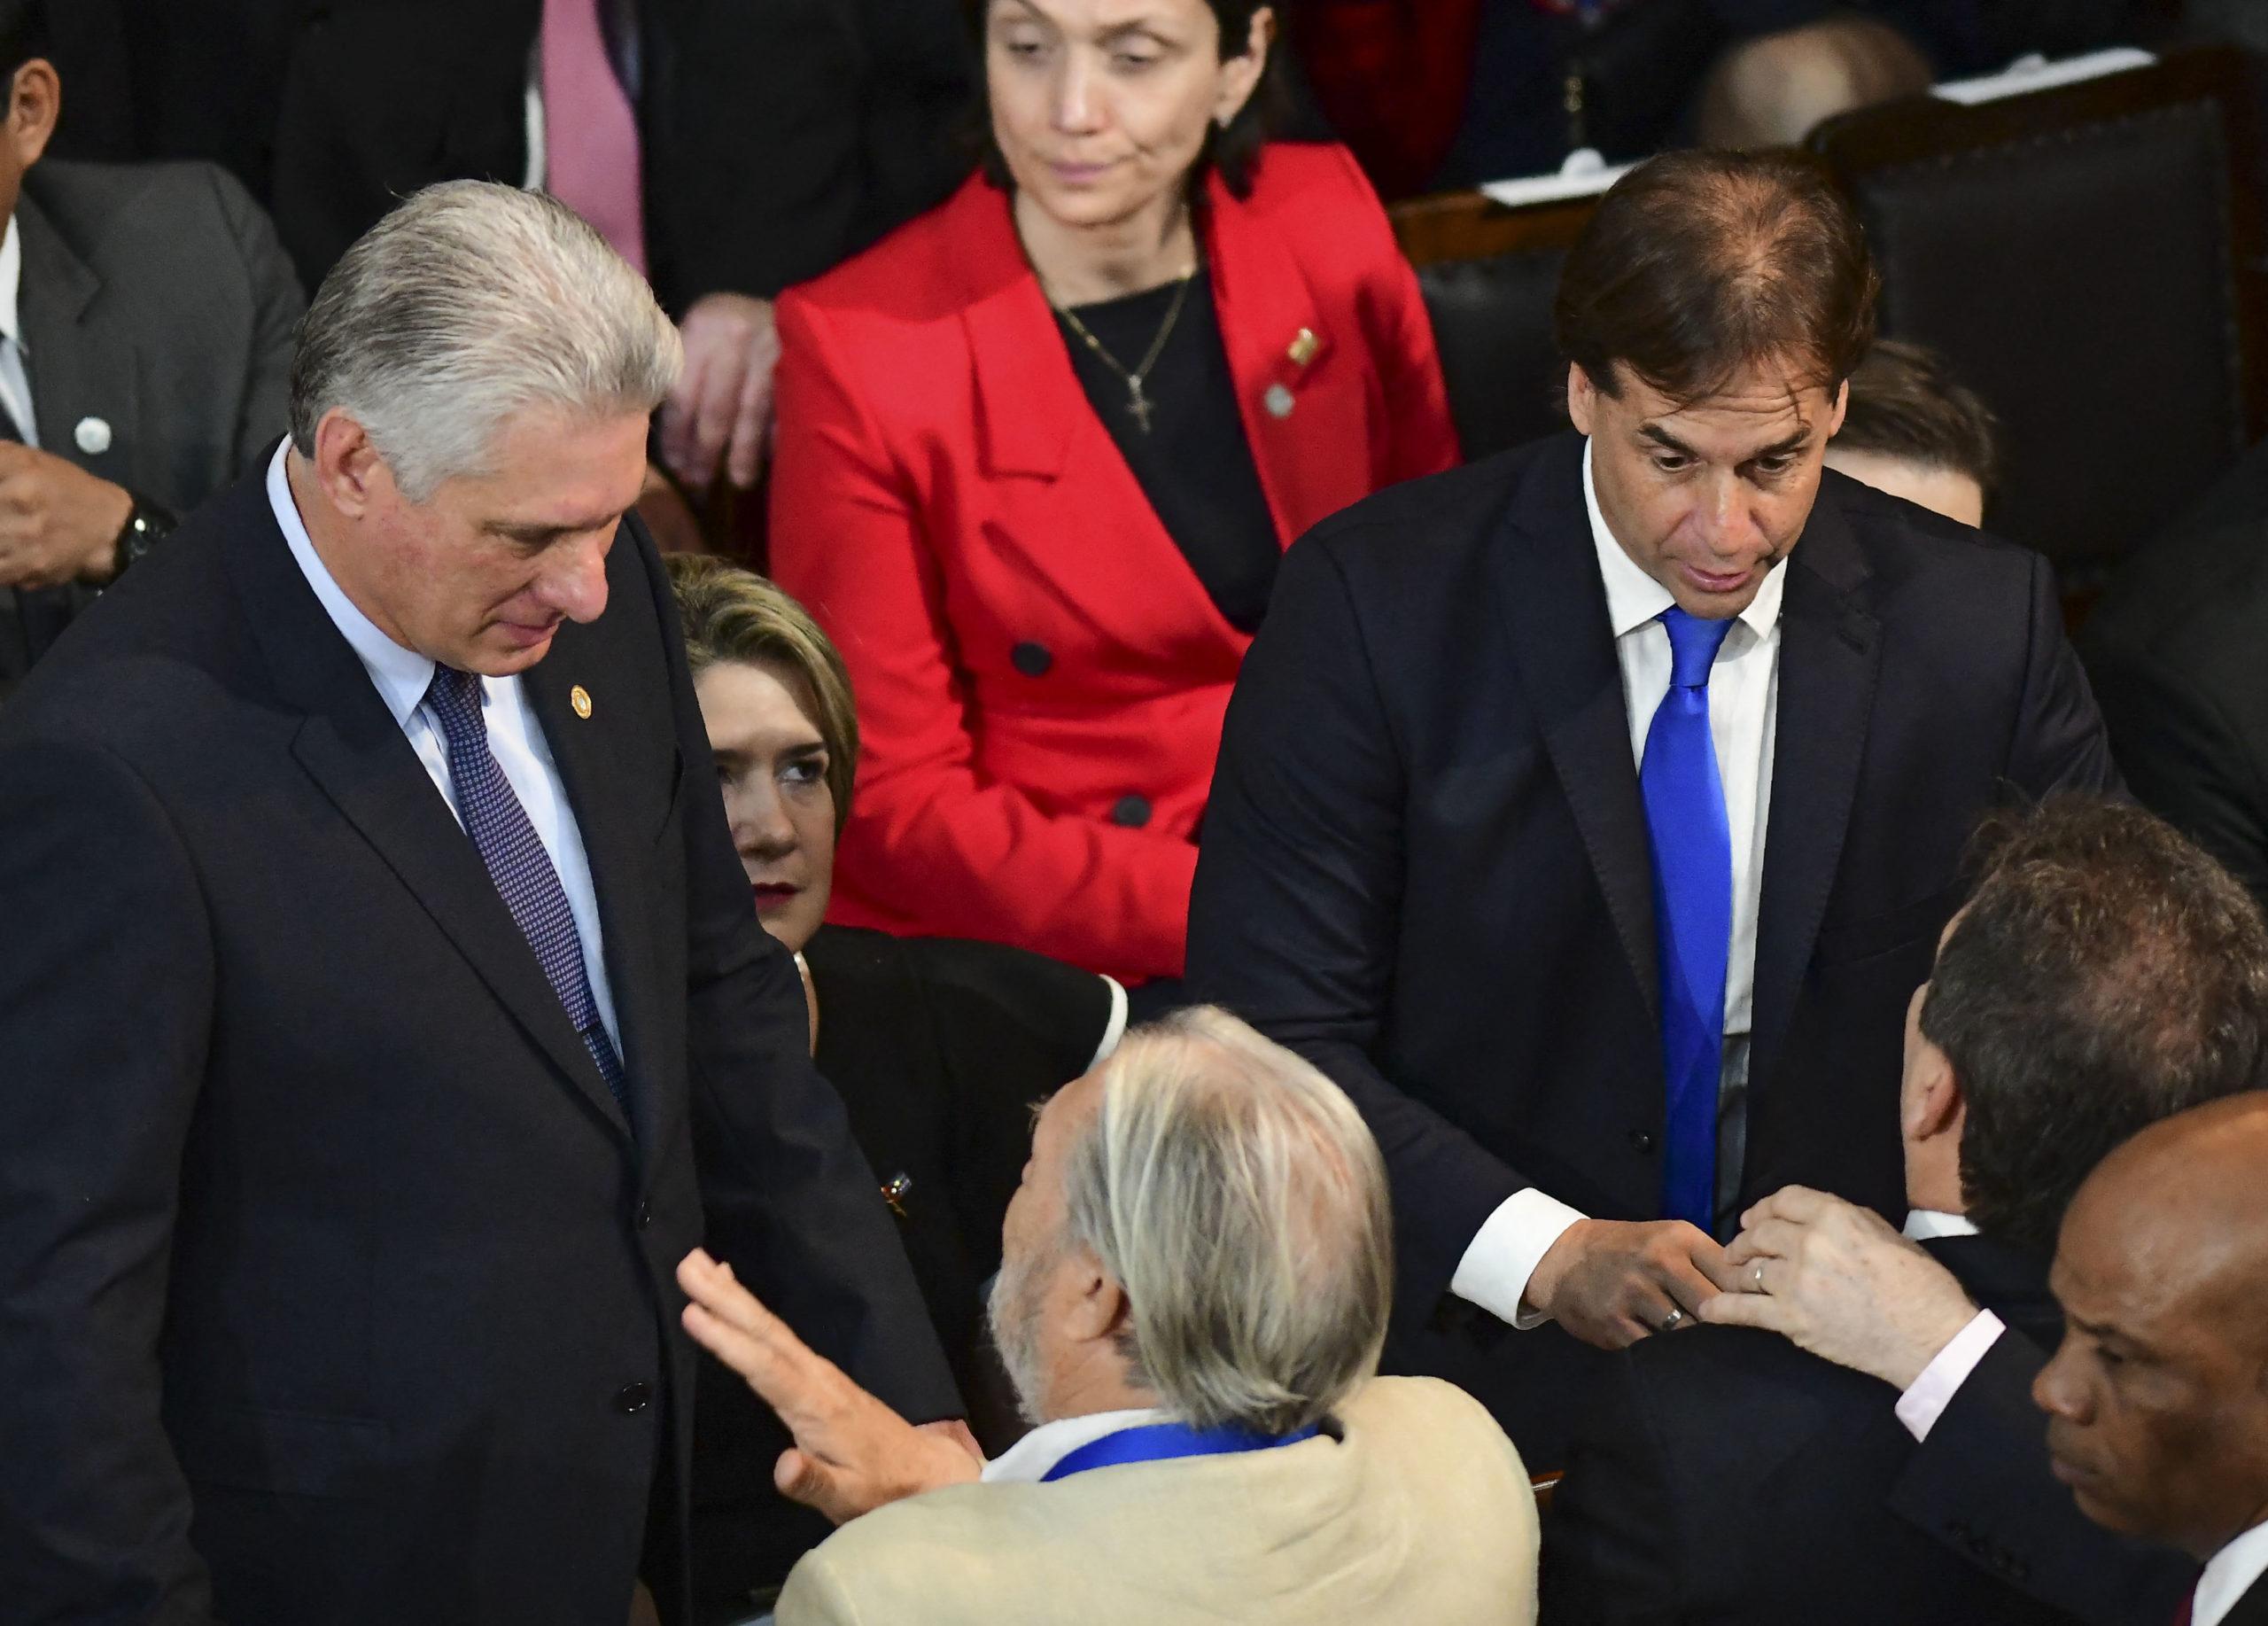 Lacalle Pou, Abdo Benítez, Take Aim at Leftist Authoritarian Regimes During CELAC Summit